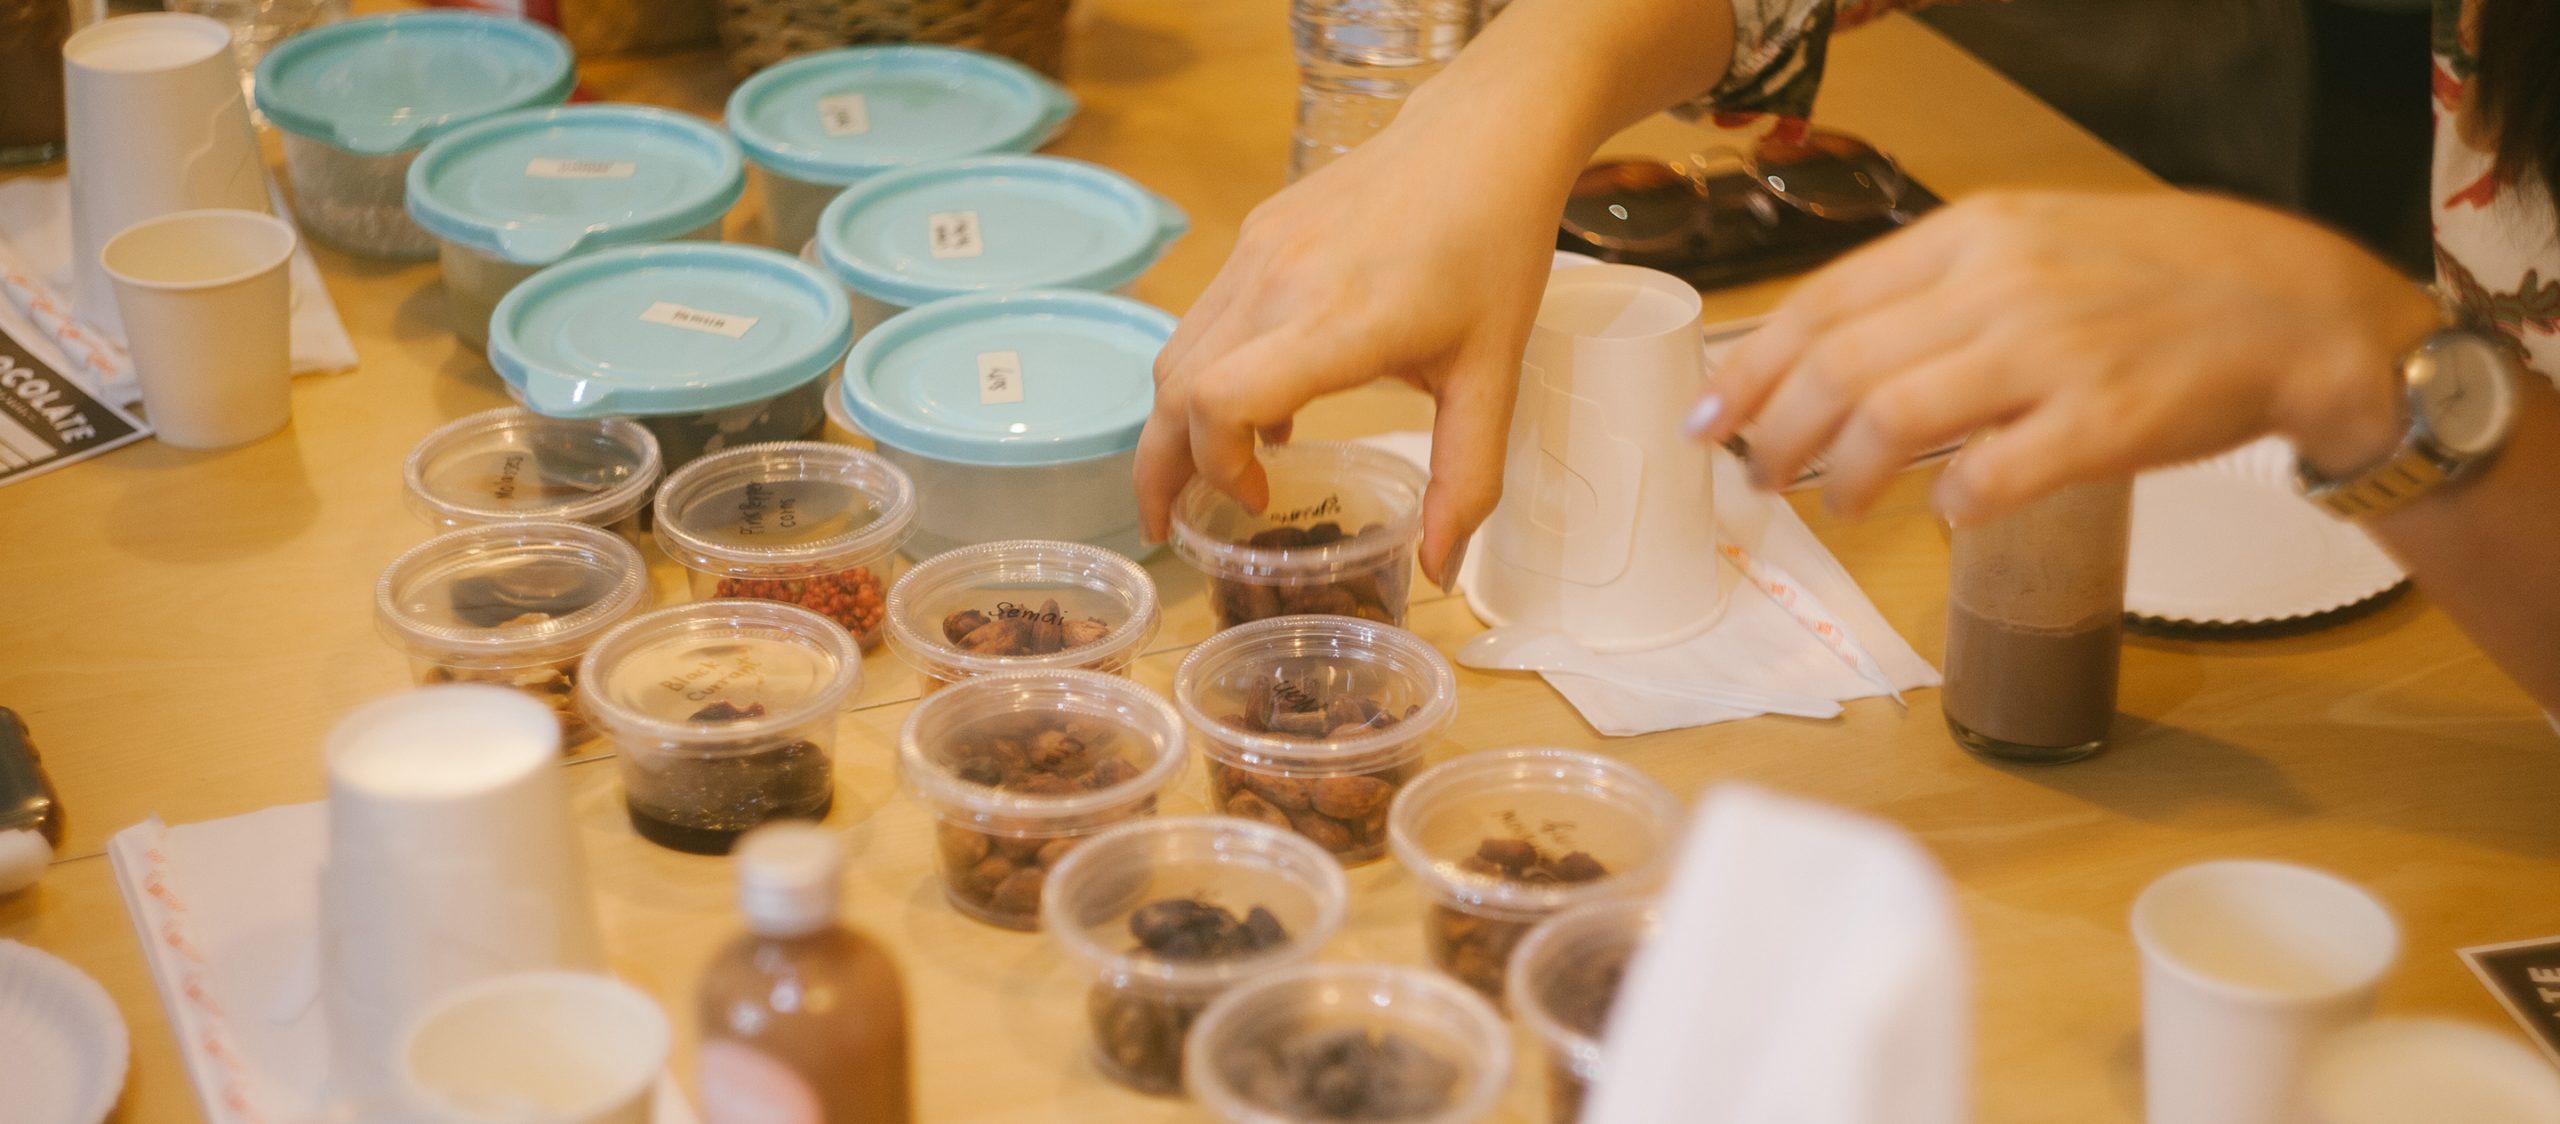 How to Eat Craft Chocolate คราฟต์ช็อกโกแลตดีๆ จะอร่อยขึ้นอีกเมื่อชิมอย่างถูกวิธี